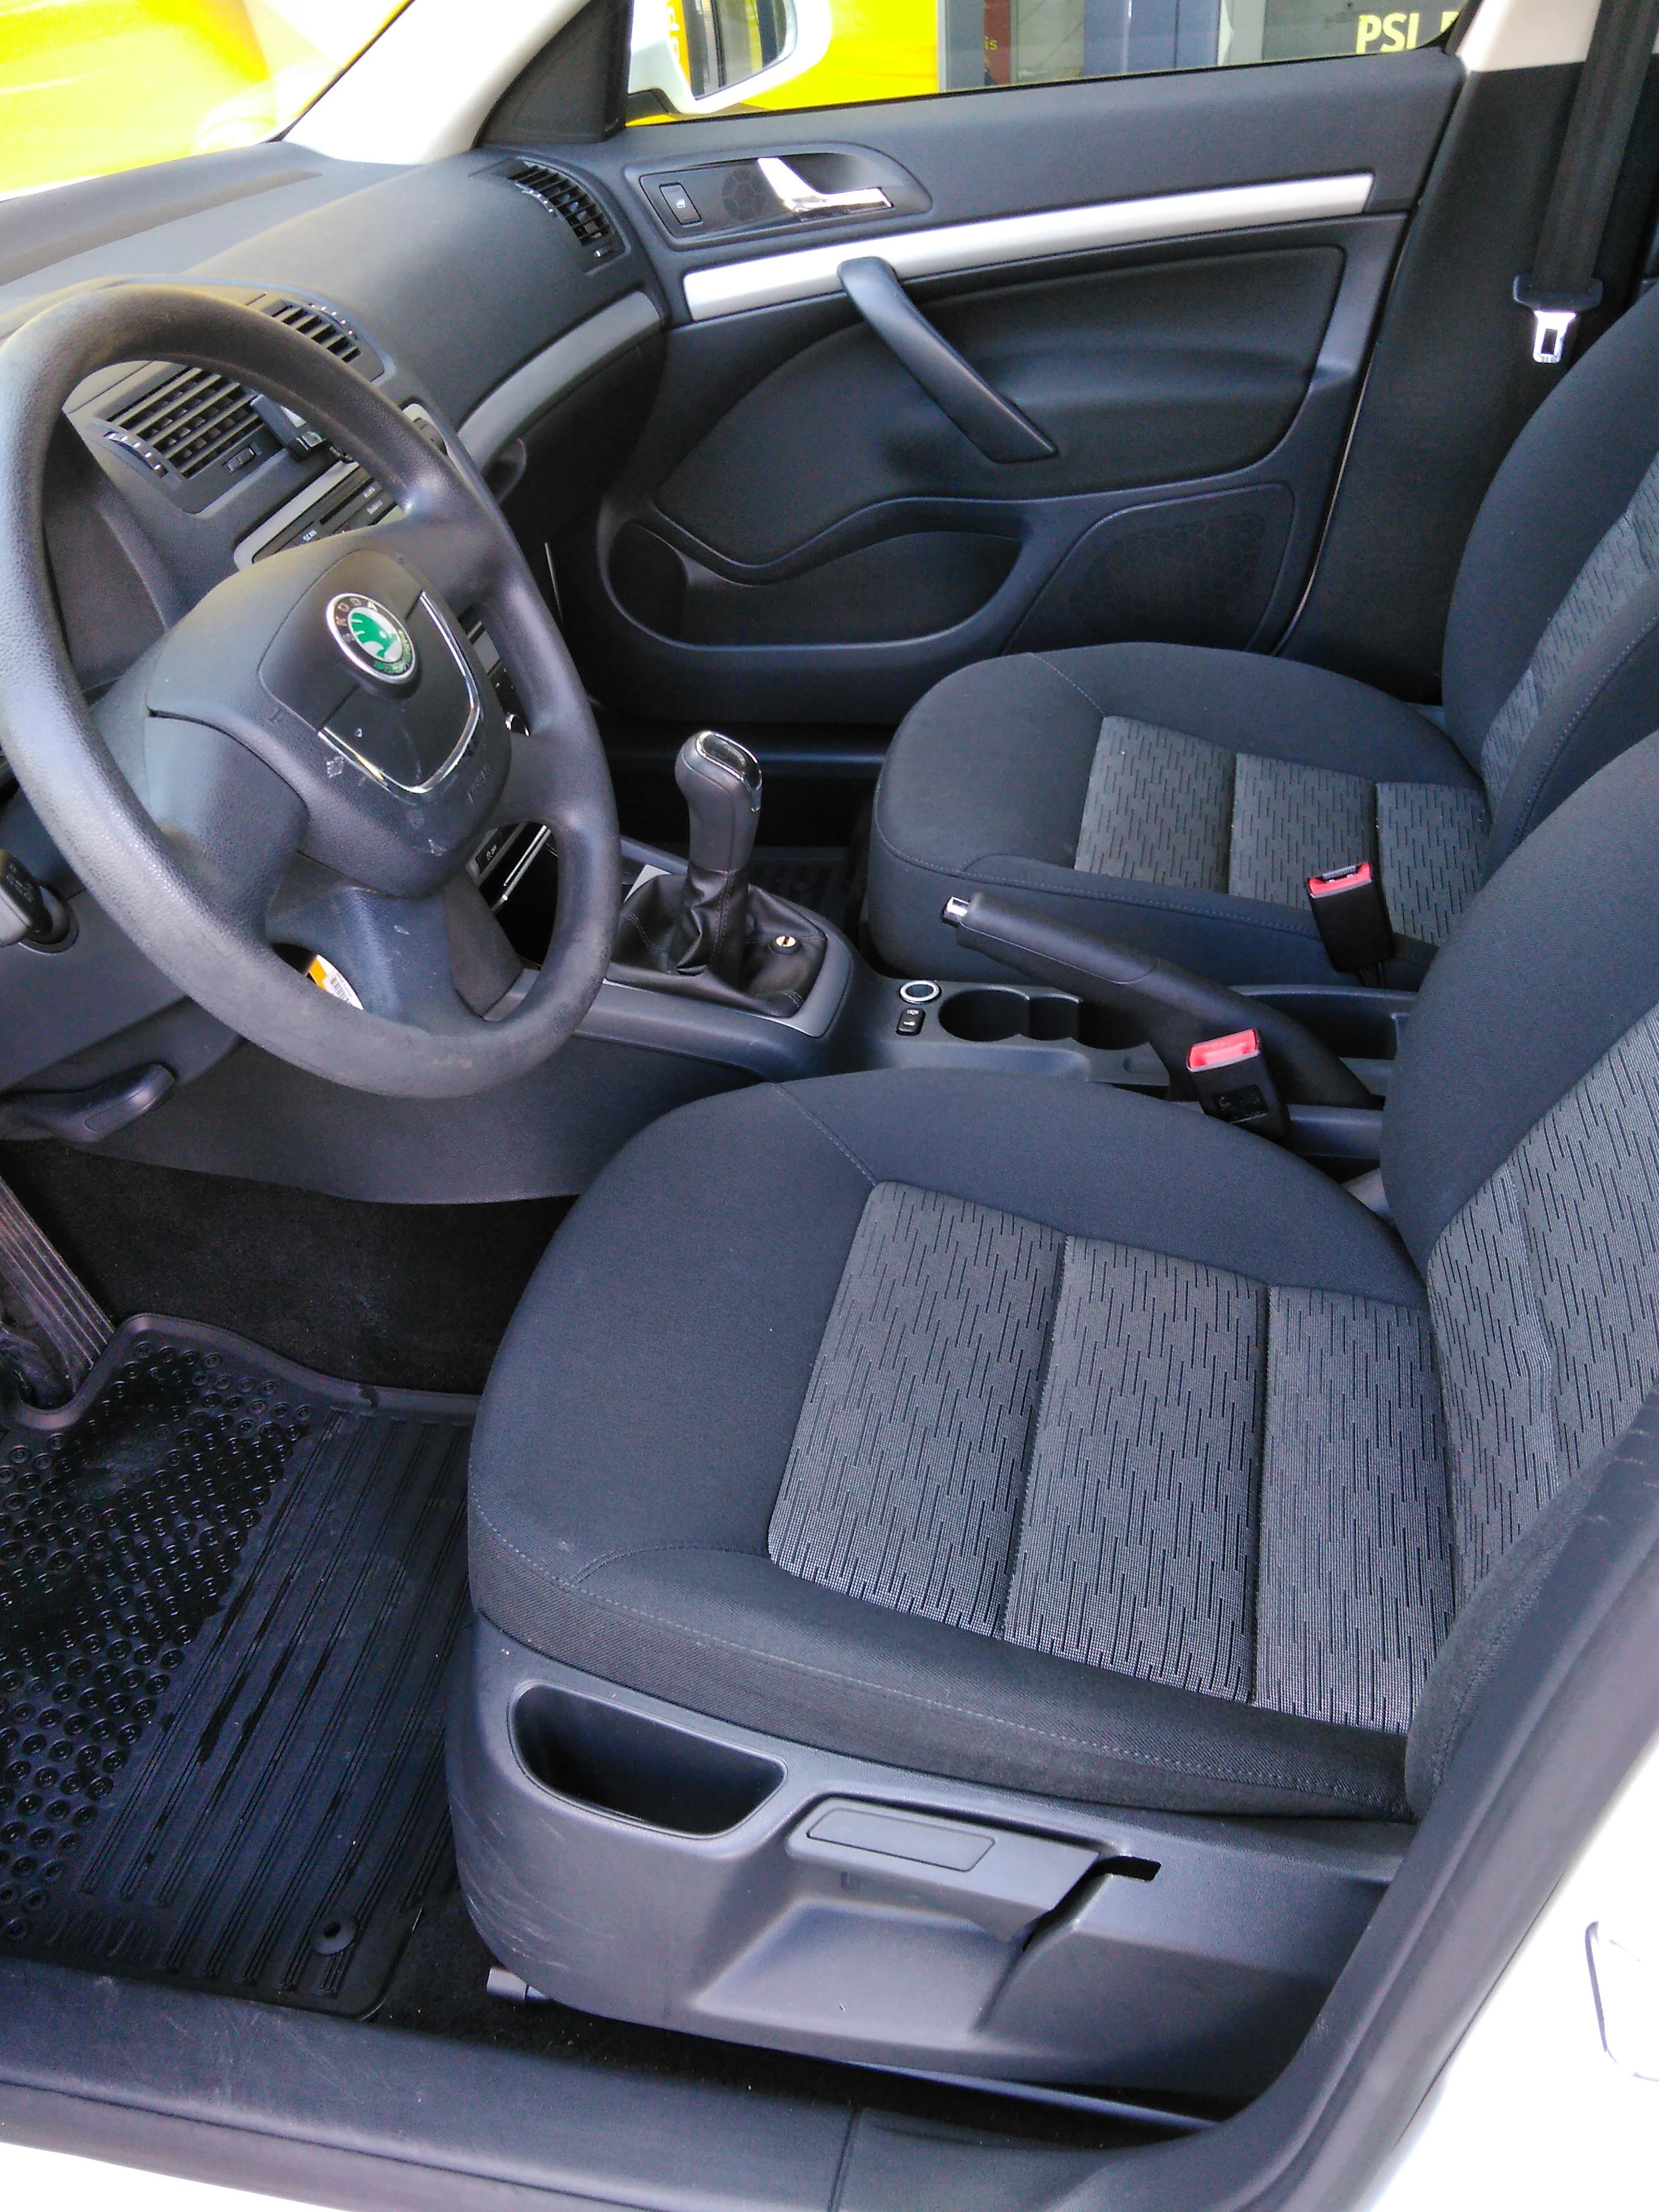 Škoda Octavia 1.6 TDI 66kw - Provjerena rabljena vozila!